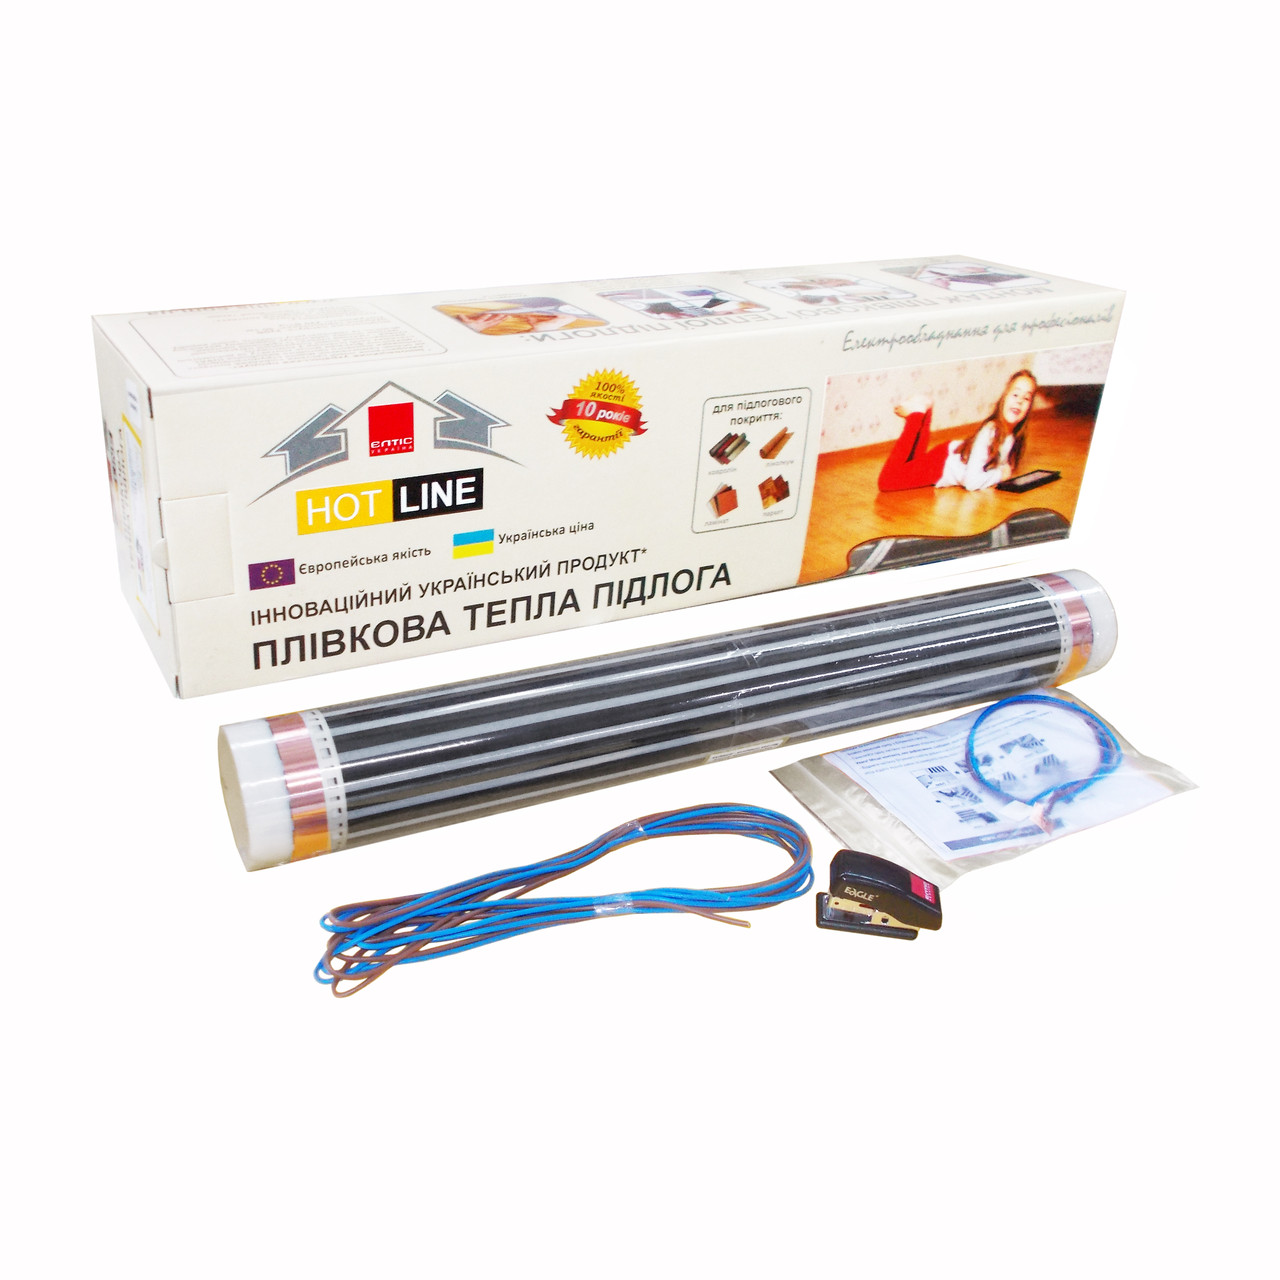 Пленочный пол HOT LINE ПП-15 (0,5х30м) Элтис Украина